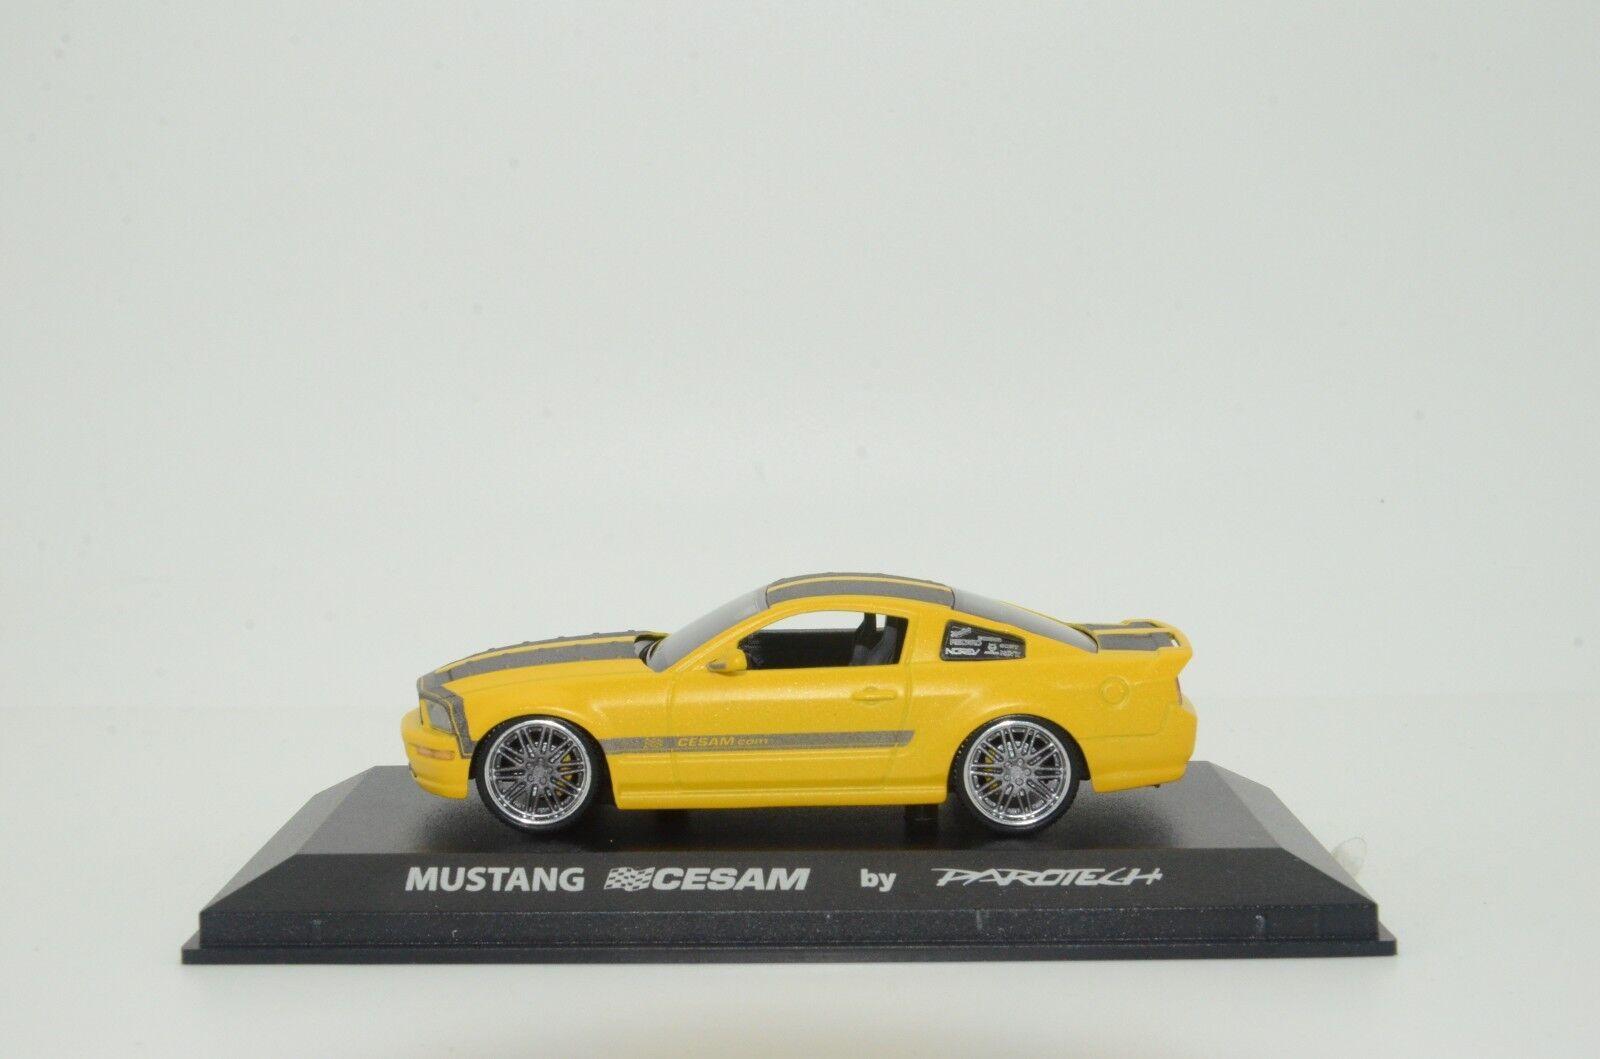 RARE    Mustang Mustang Mustang Paredech Cesam Norev 270540 1 43 a14d4c